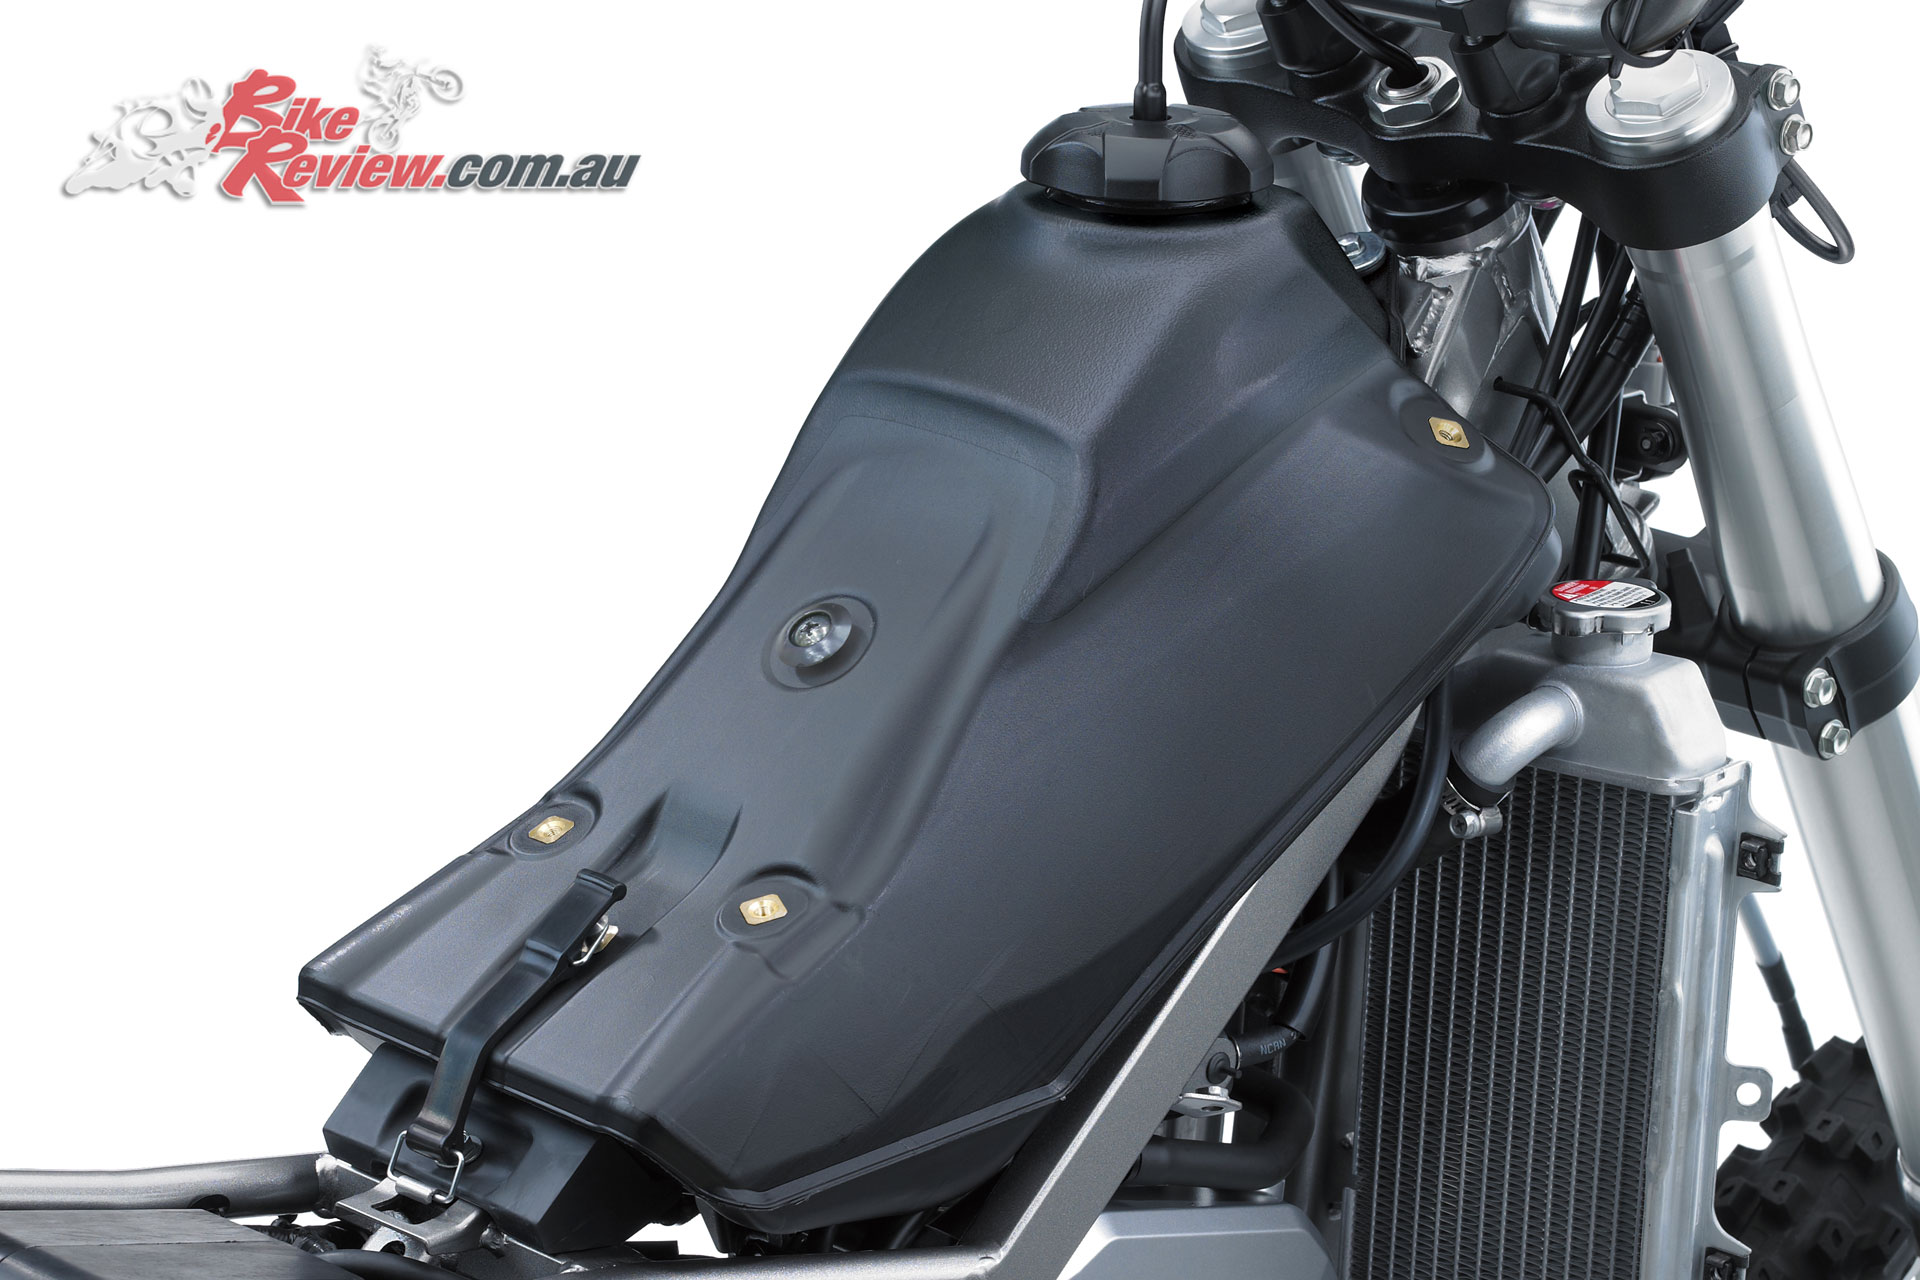 2020 Kawasaki KLX300R - 7.9L fuel tank